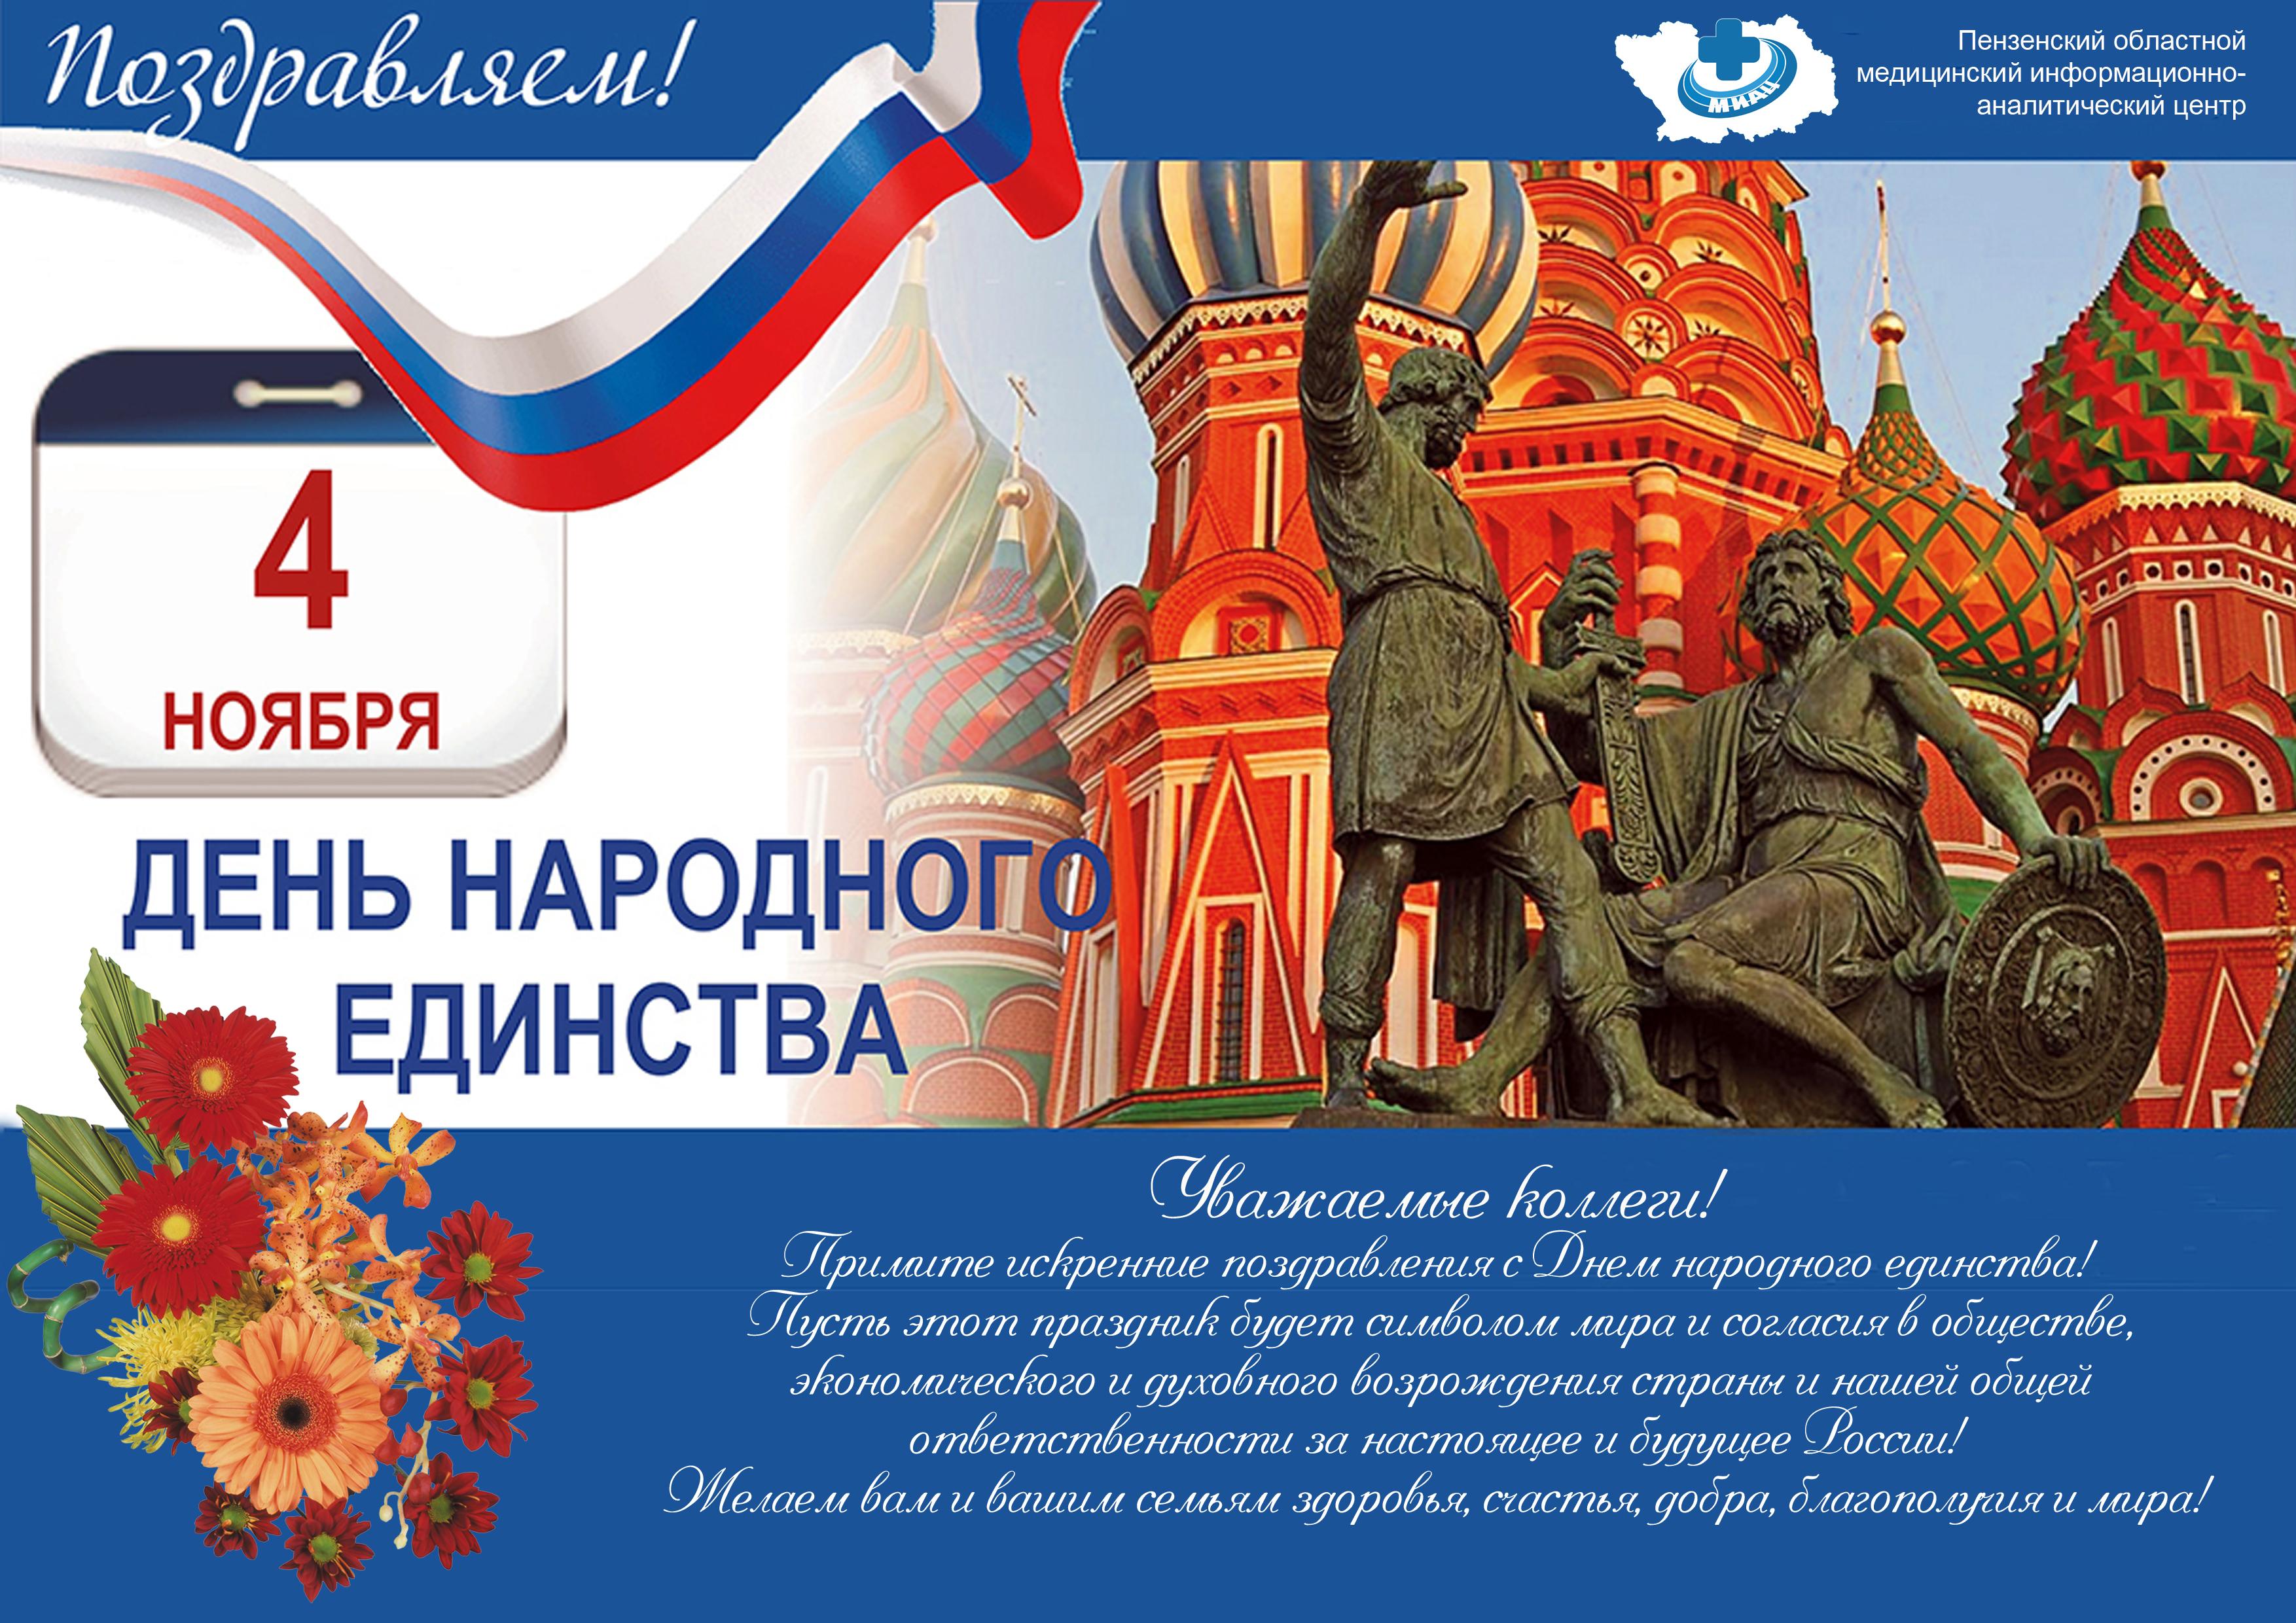 4 ноября поздравления в день народного единства